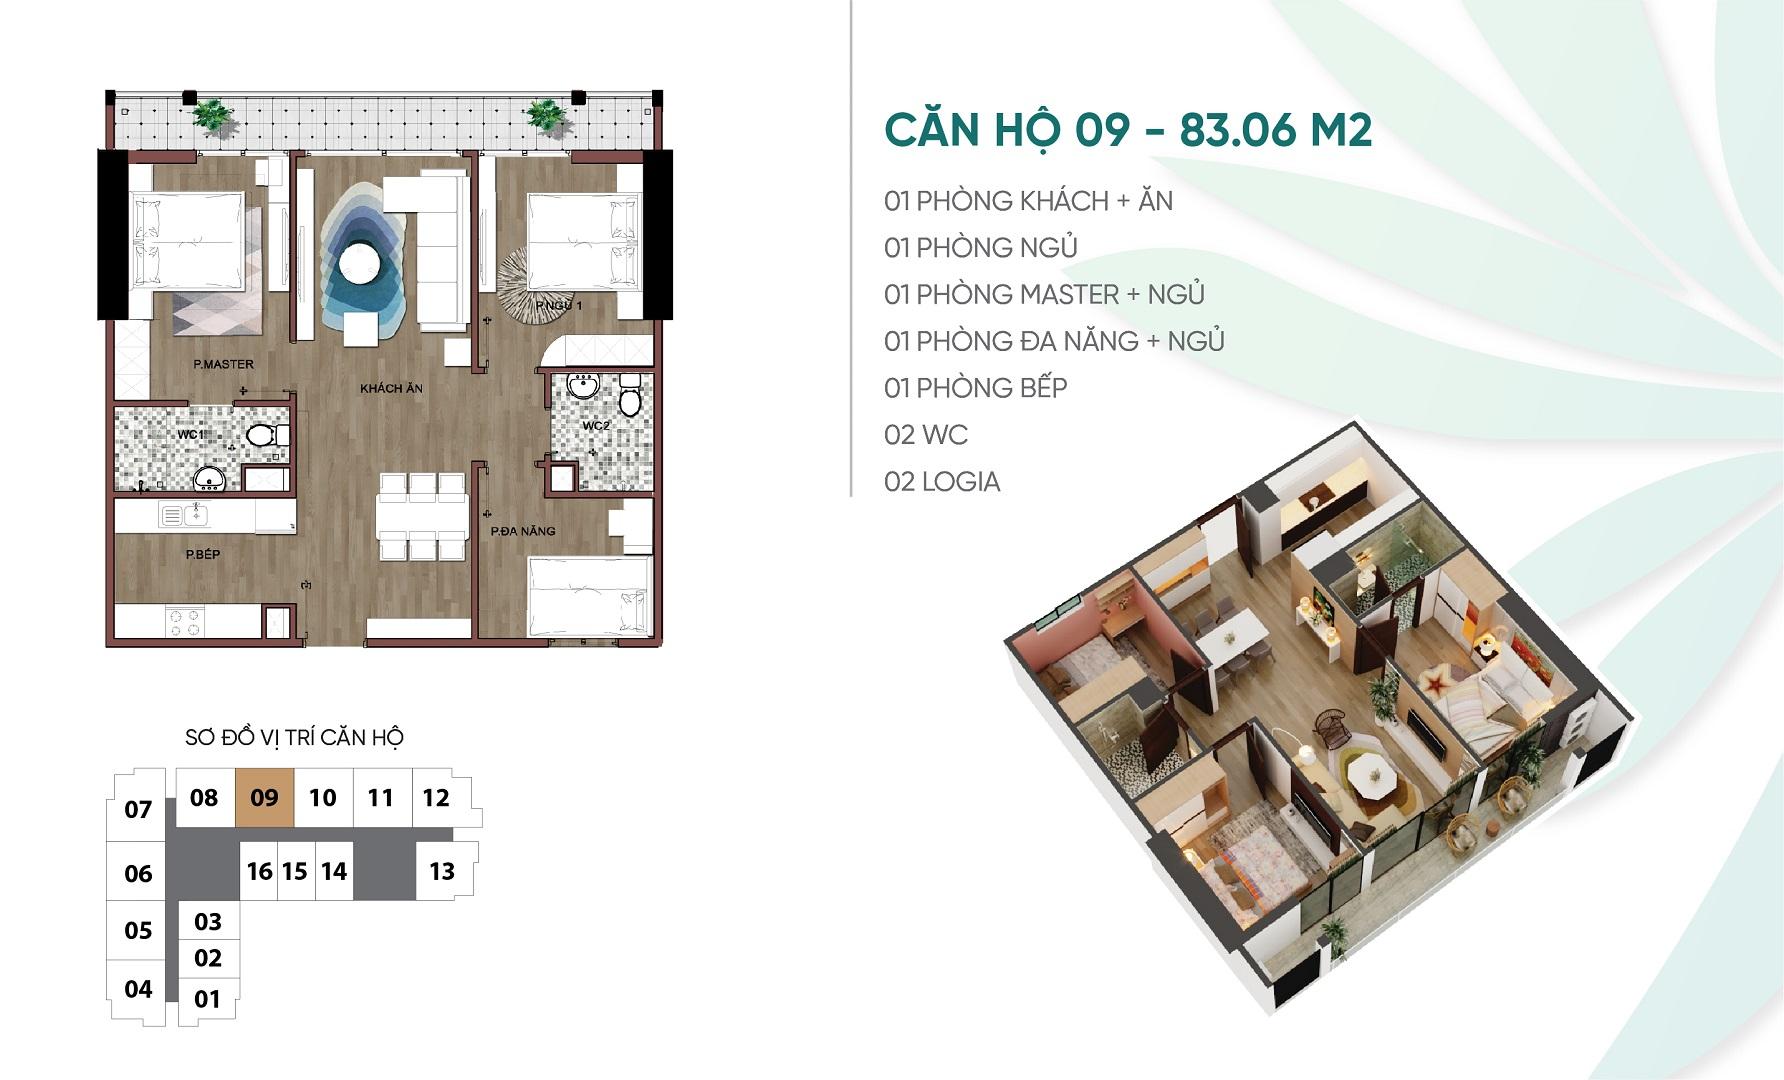 thiết kế căn hộ 09 dự án an bình plaza